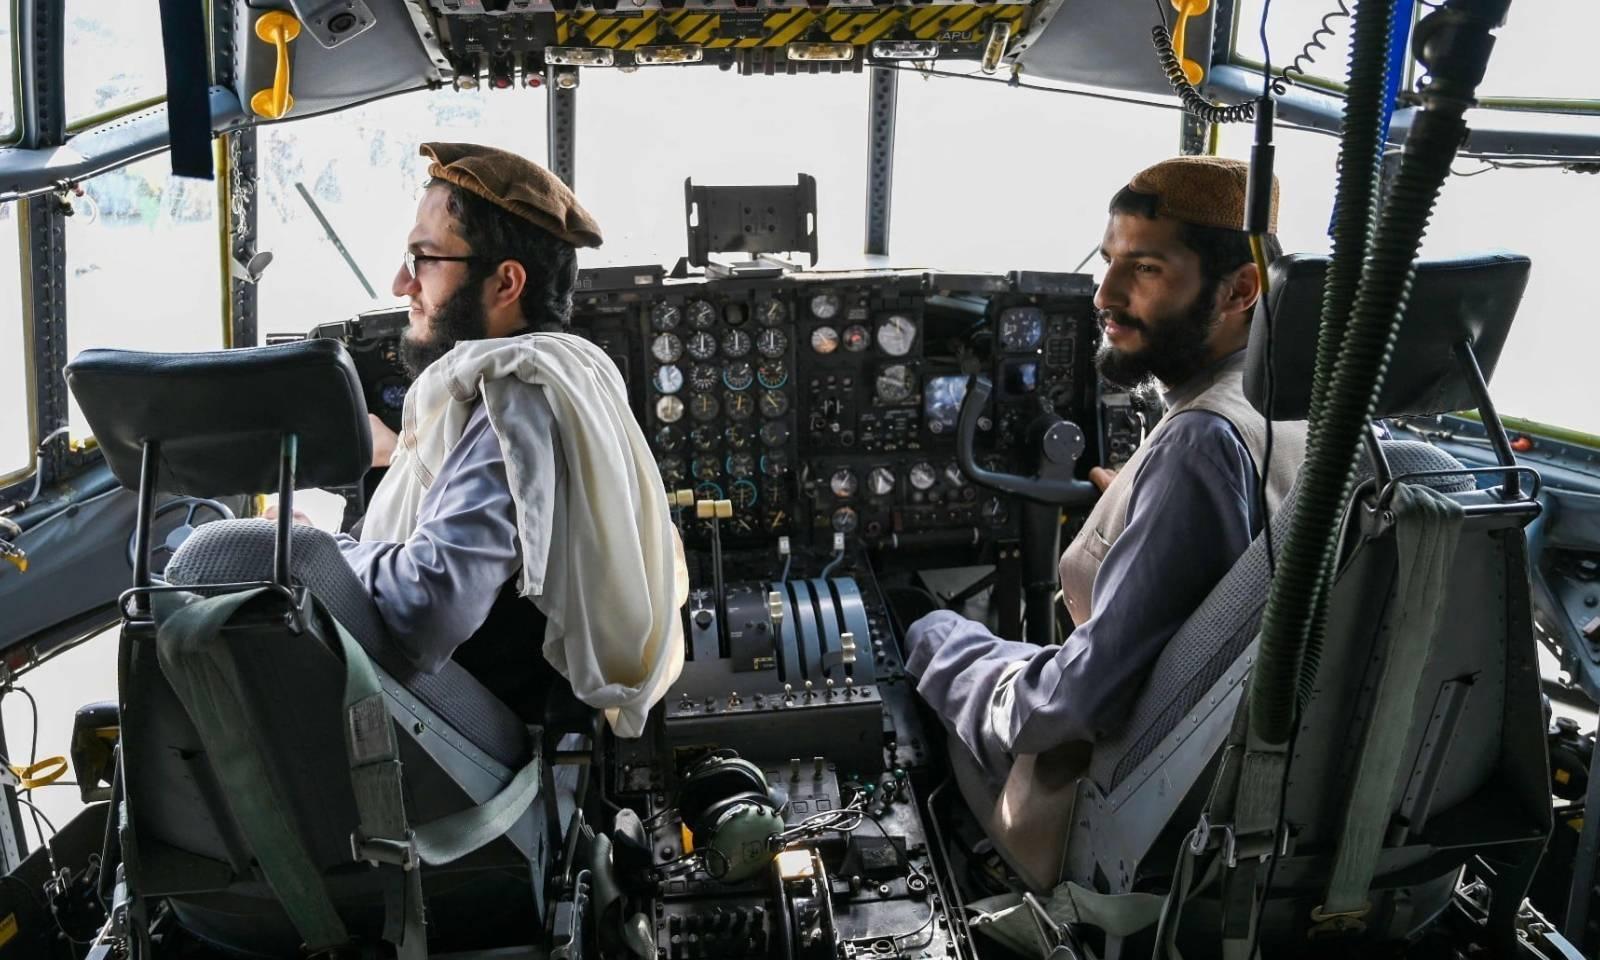 طالبان جنگجو طیارے کے کاک پٹ میں موجود ہیں — فوٹو: اے ایف پی